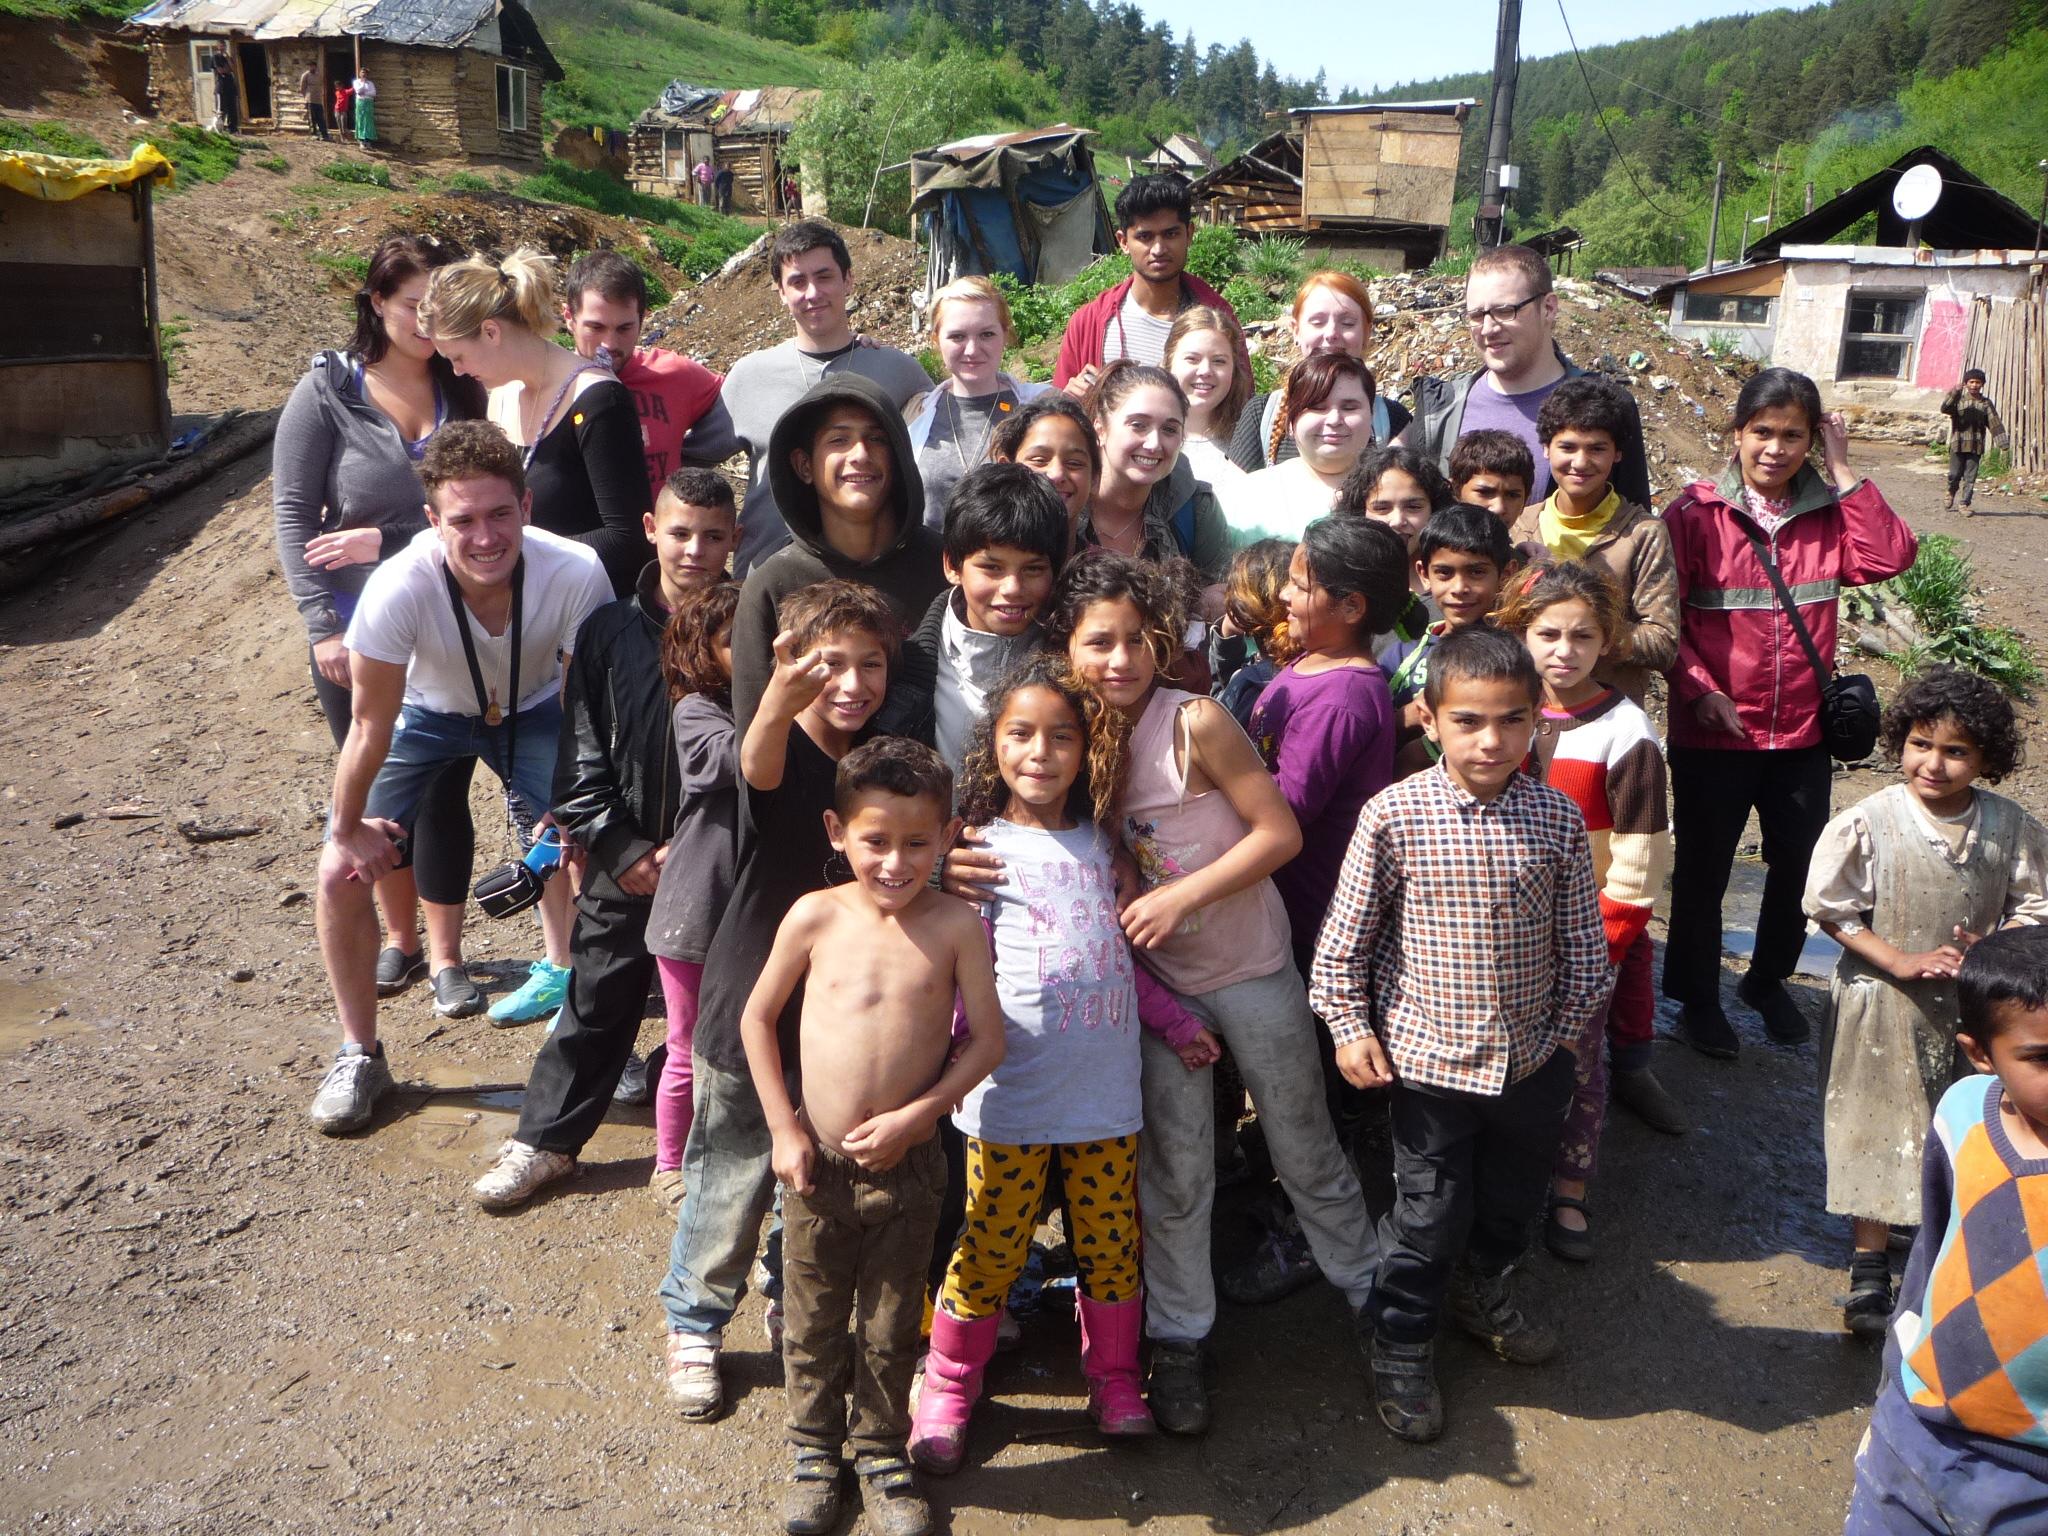 Kinder Garden: Romani Field School Photos, Thompson Rivers University